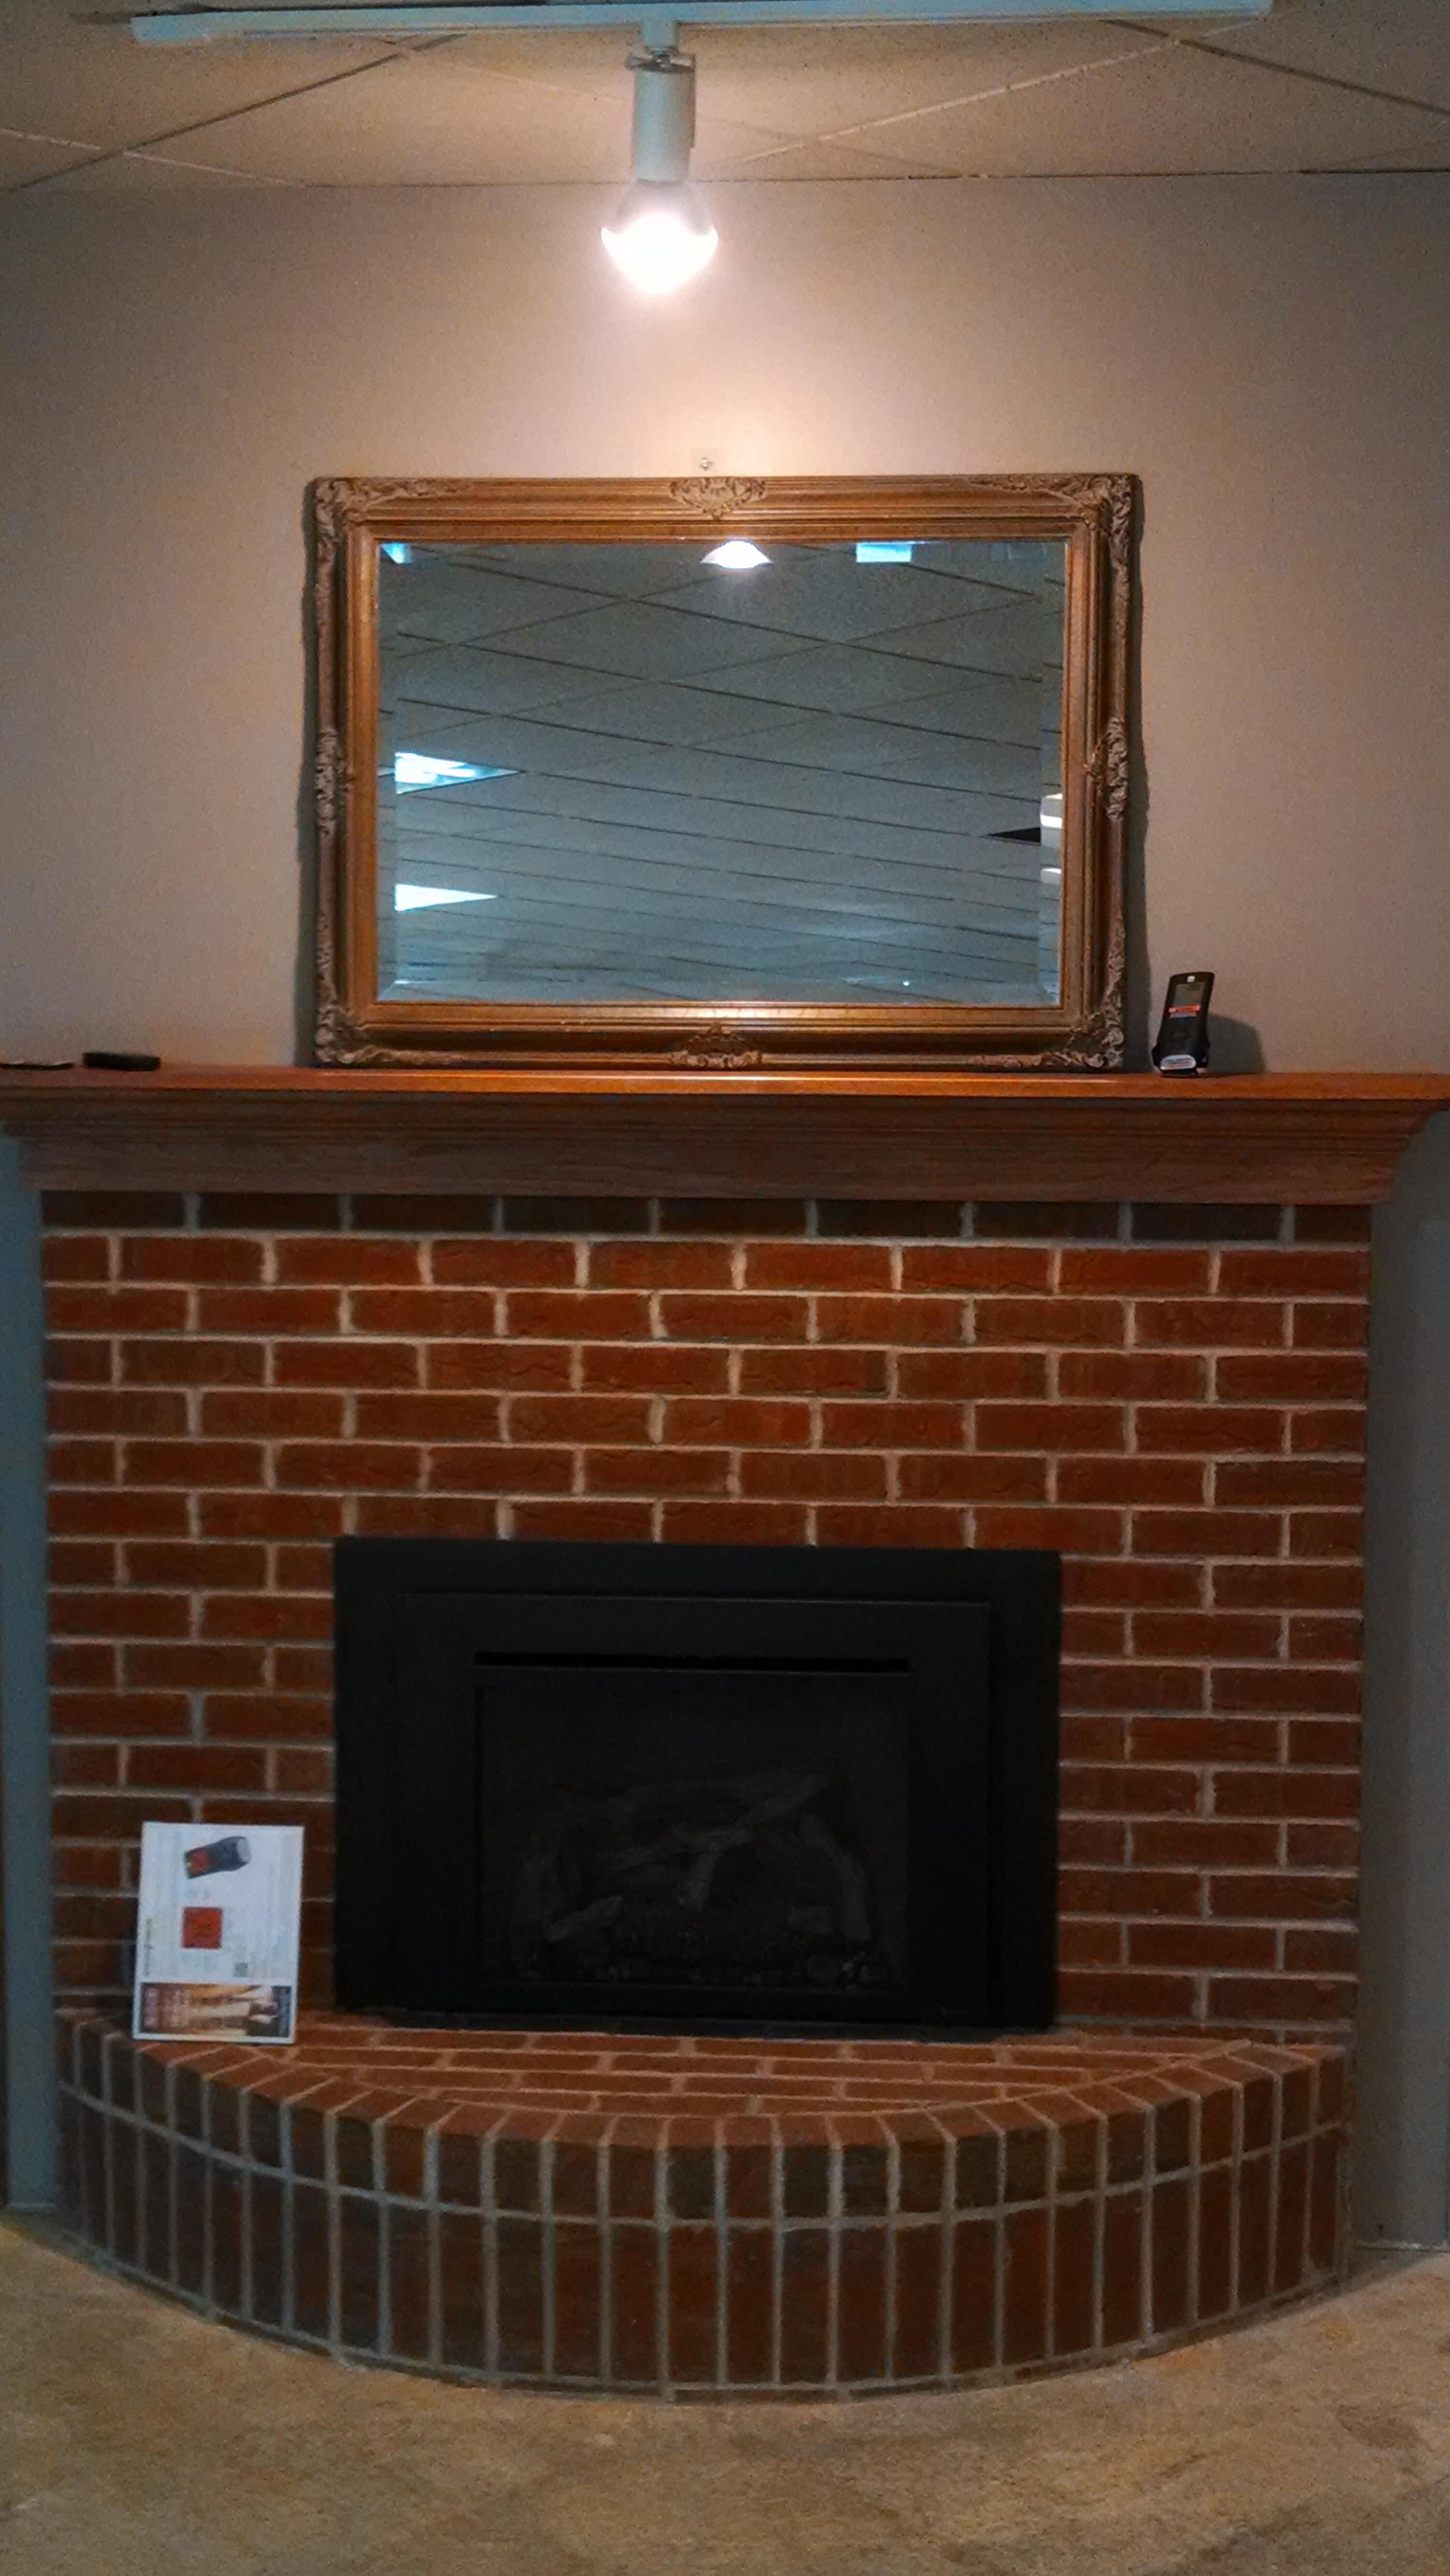 Sackett S Fireplace Kalamazoo Michigan Fireplaces